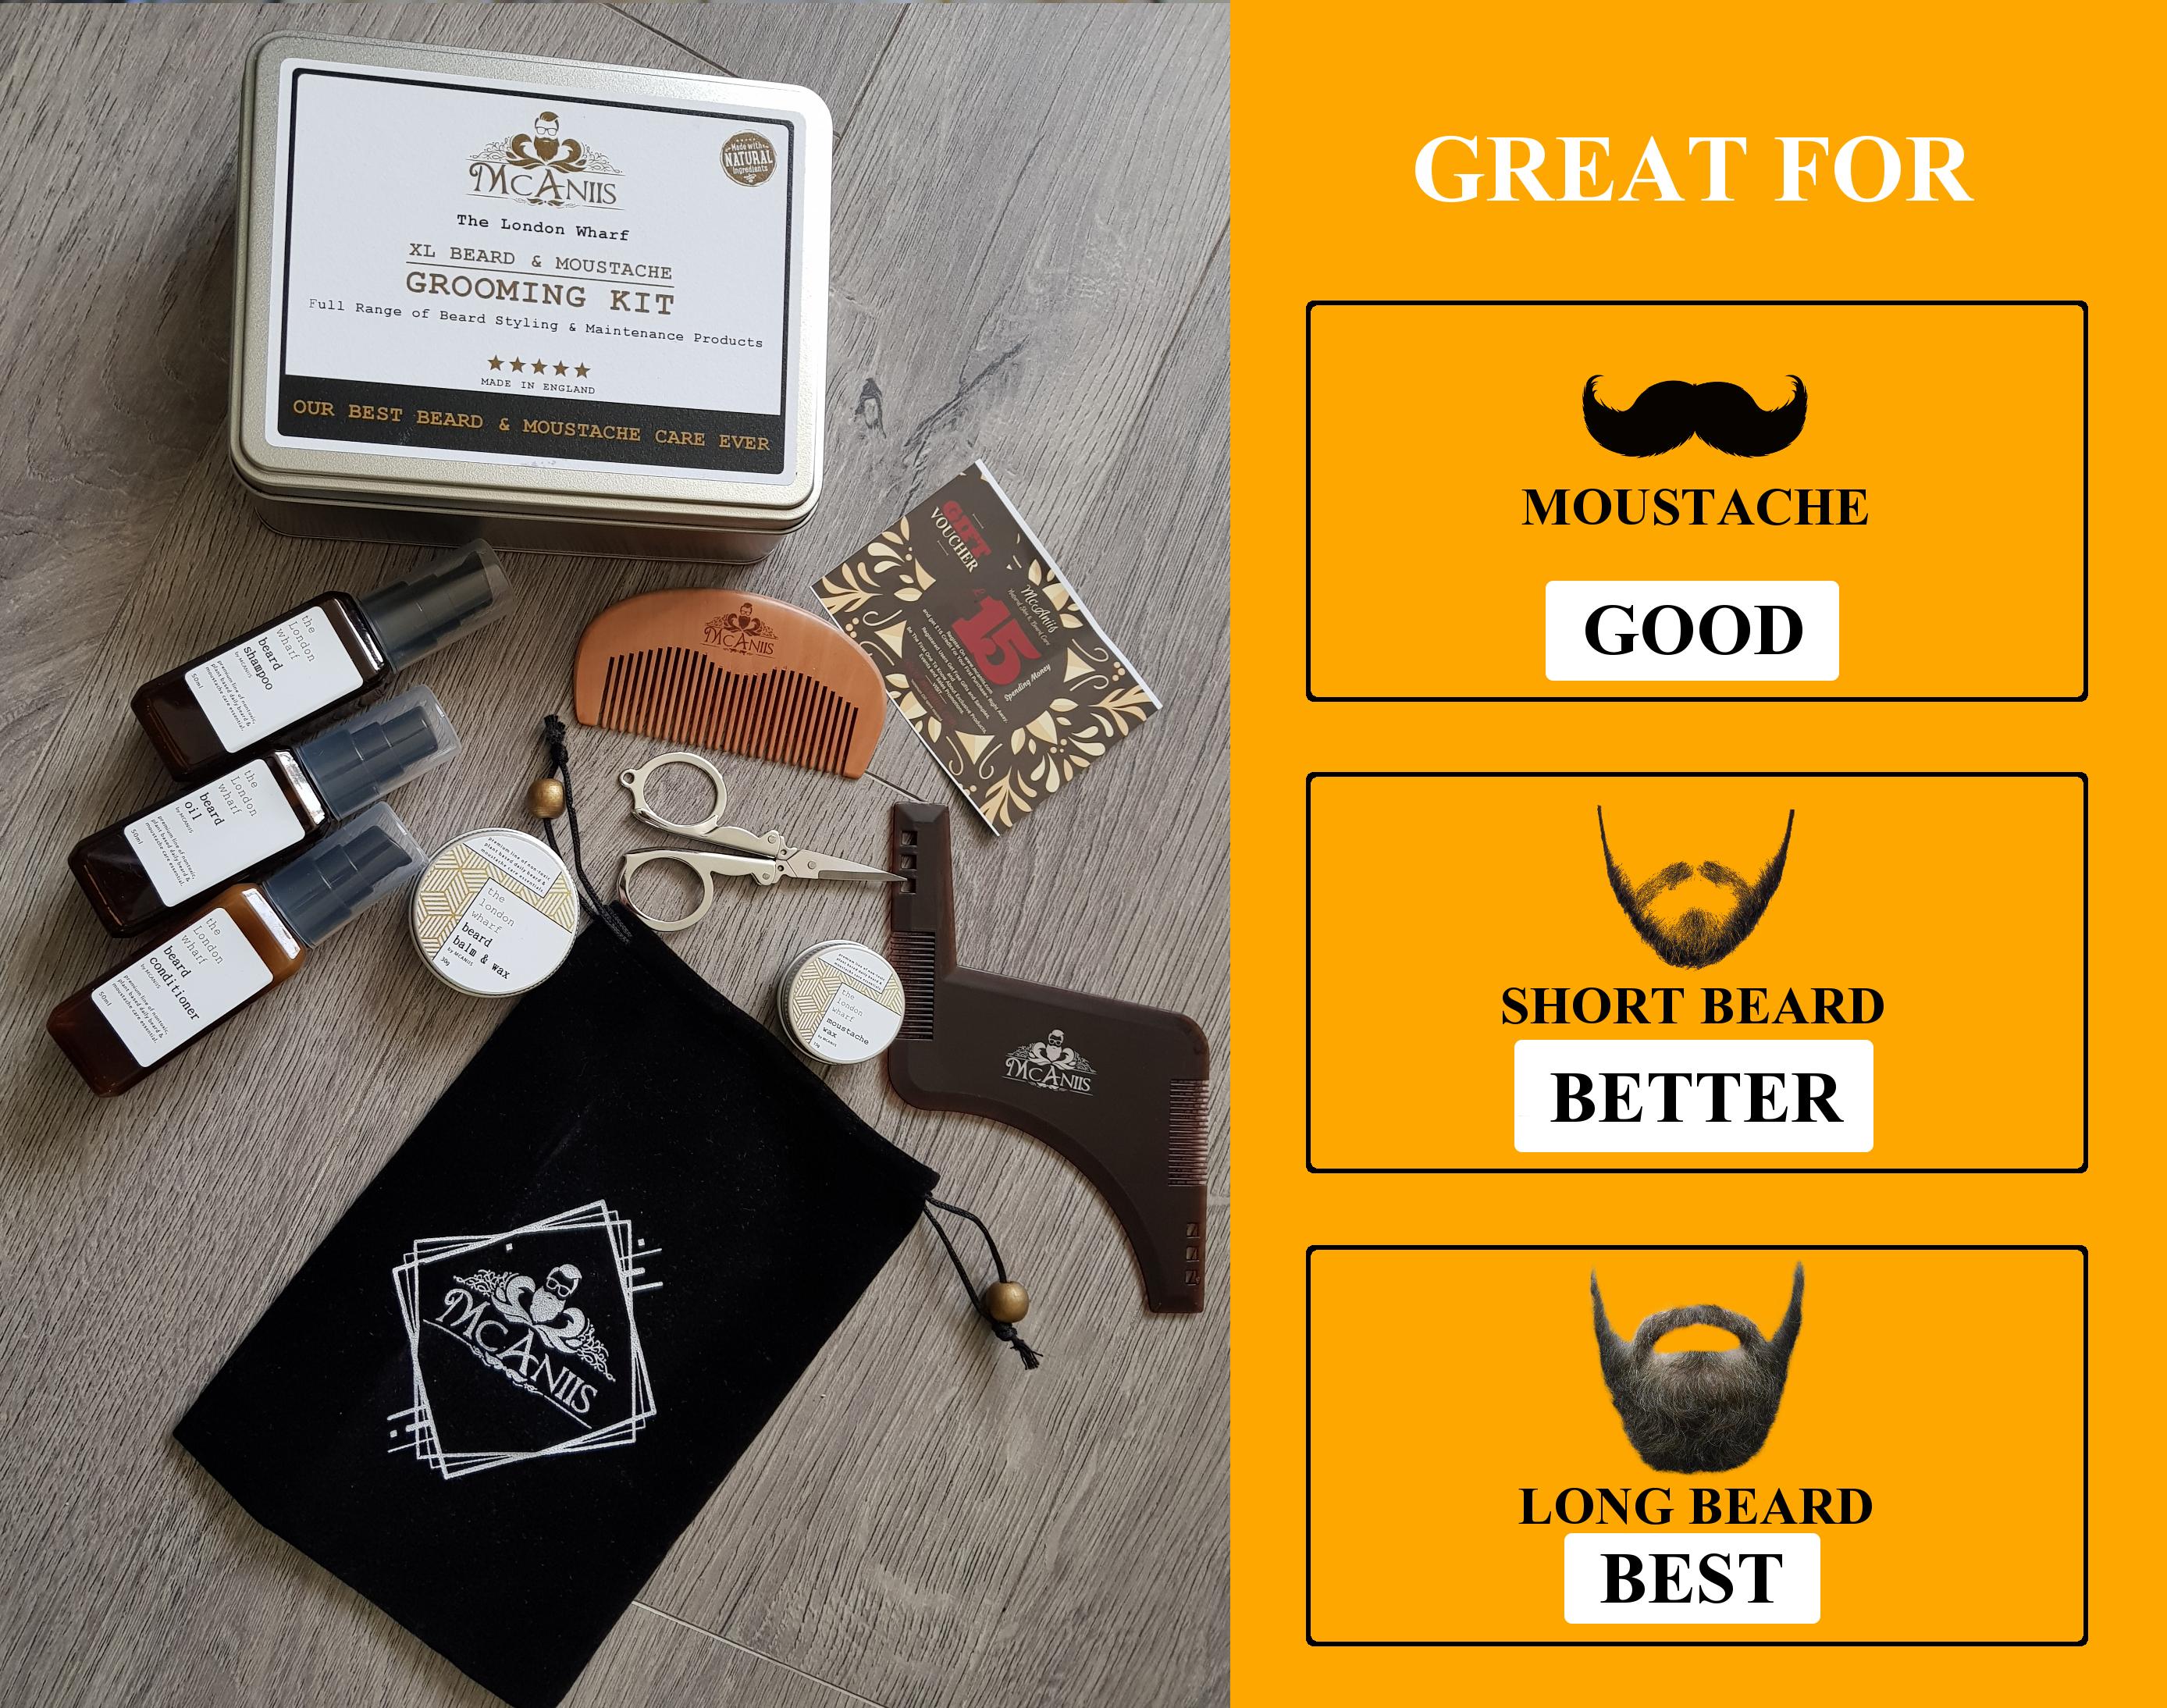 McAniis XL Beard Grooming Kit 002